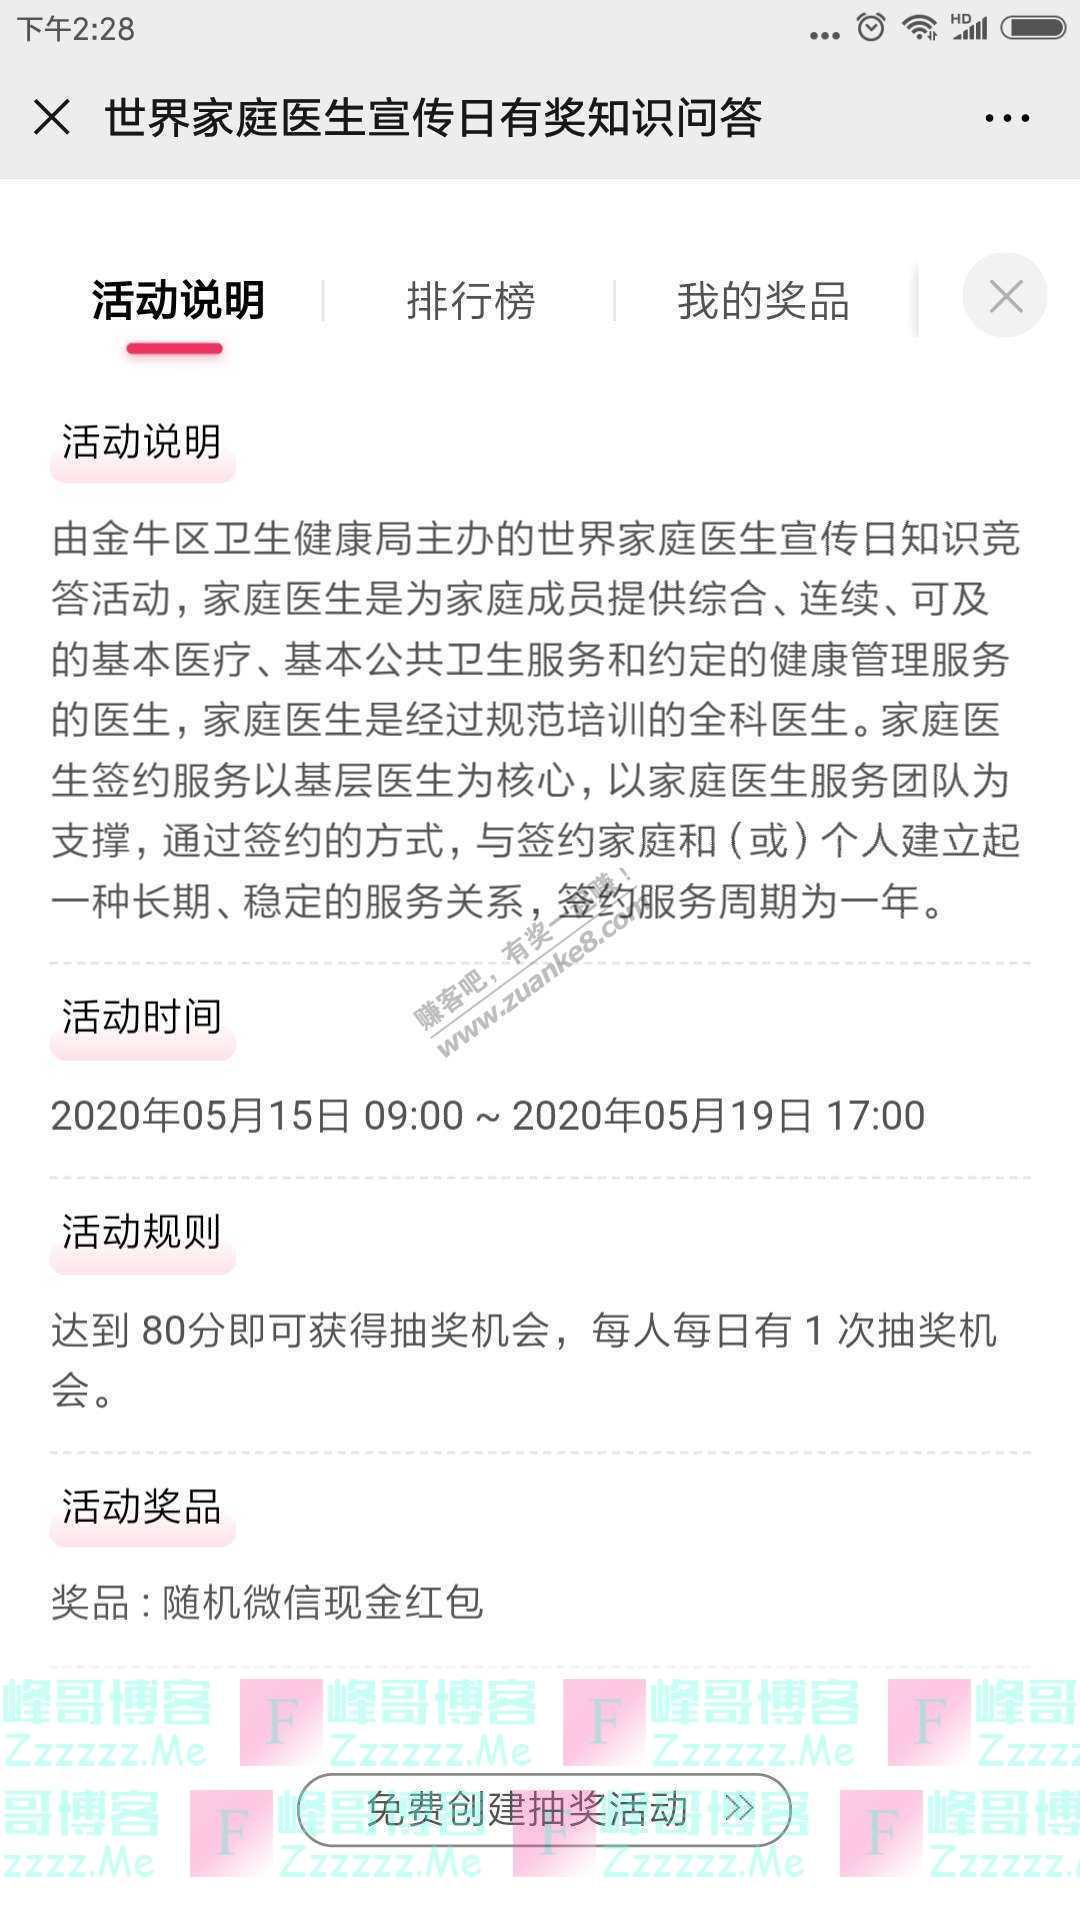 健康金牛官微世界家庭医生日有奖问答(截止5月19日)